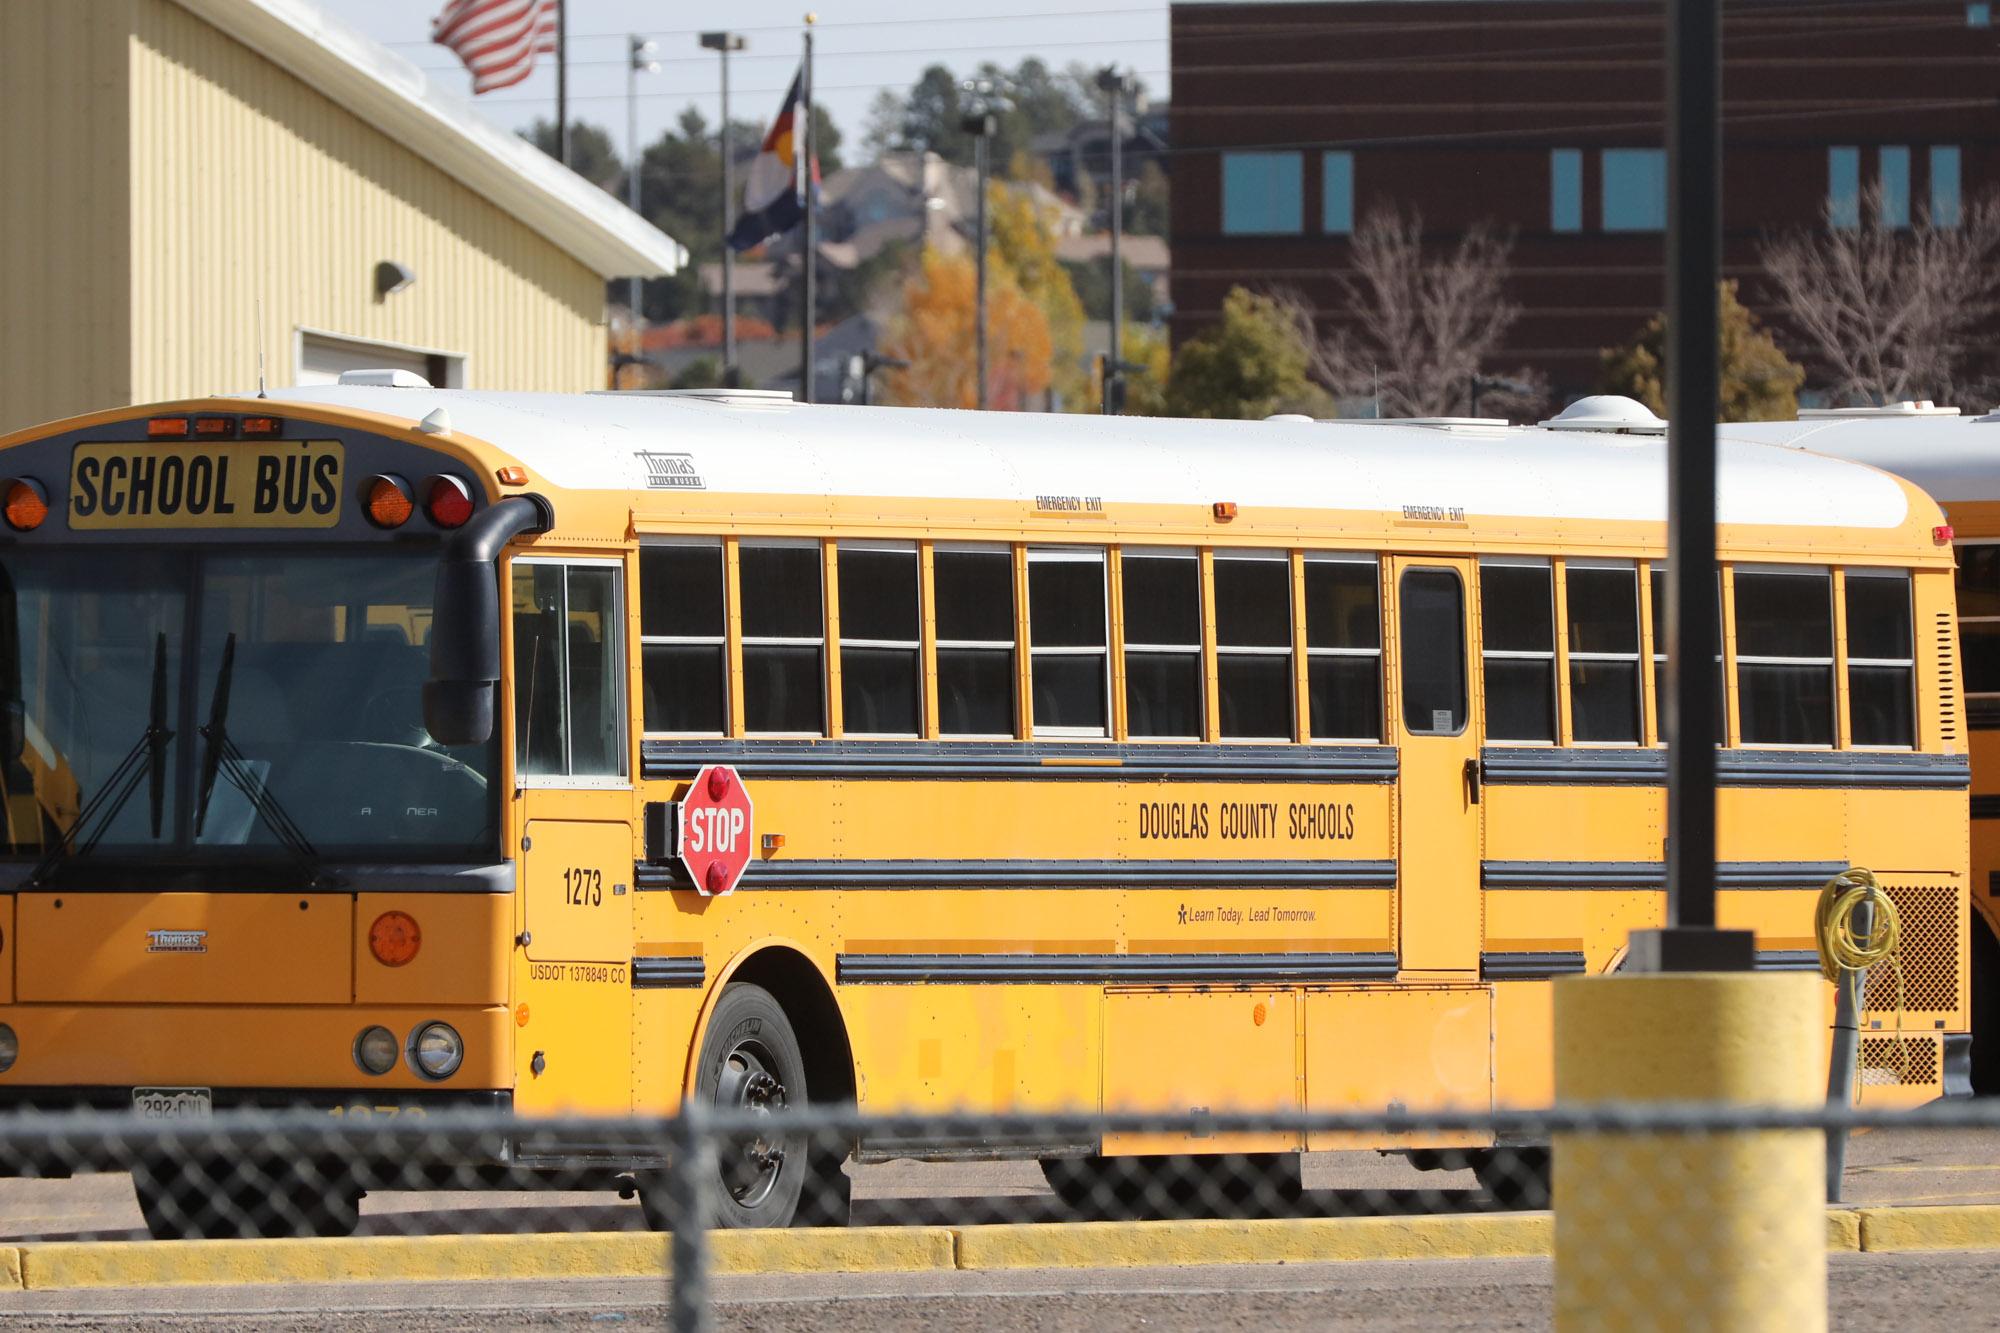 211025-DOUGLAS-COUNTY-SCHOOLS-BUS